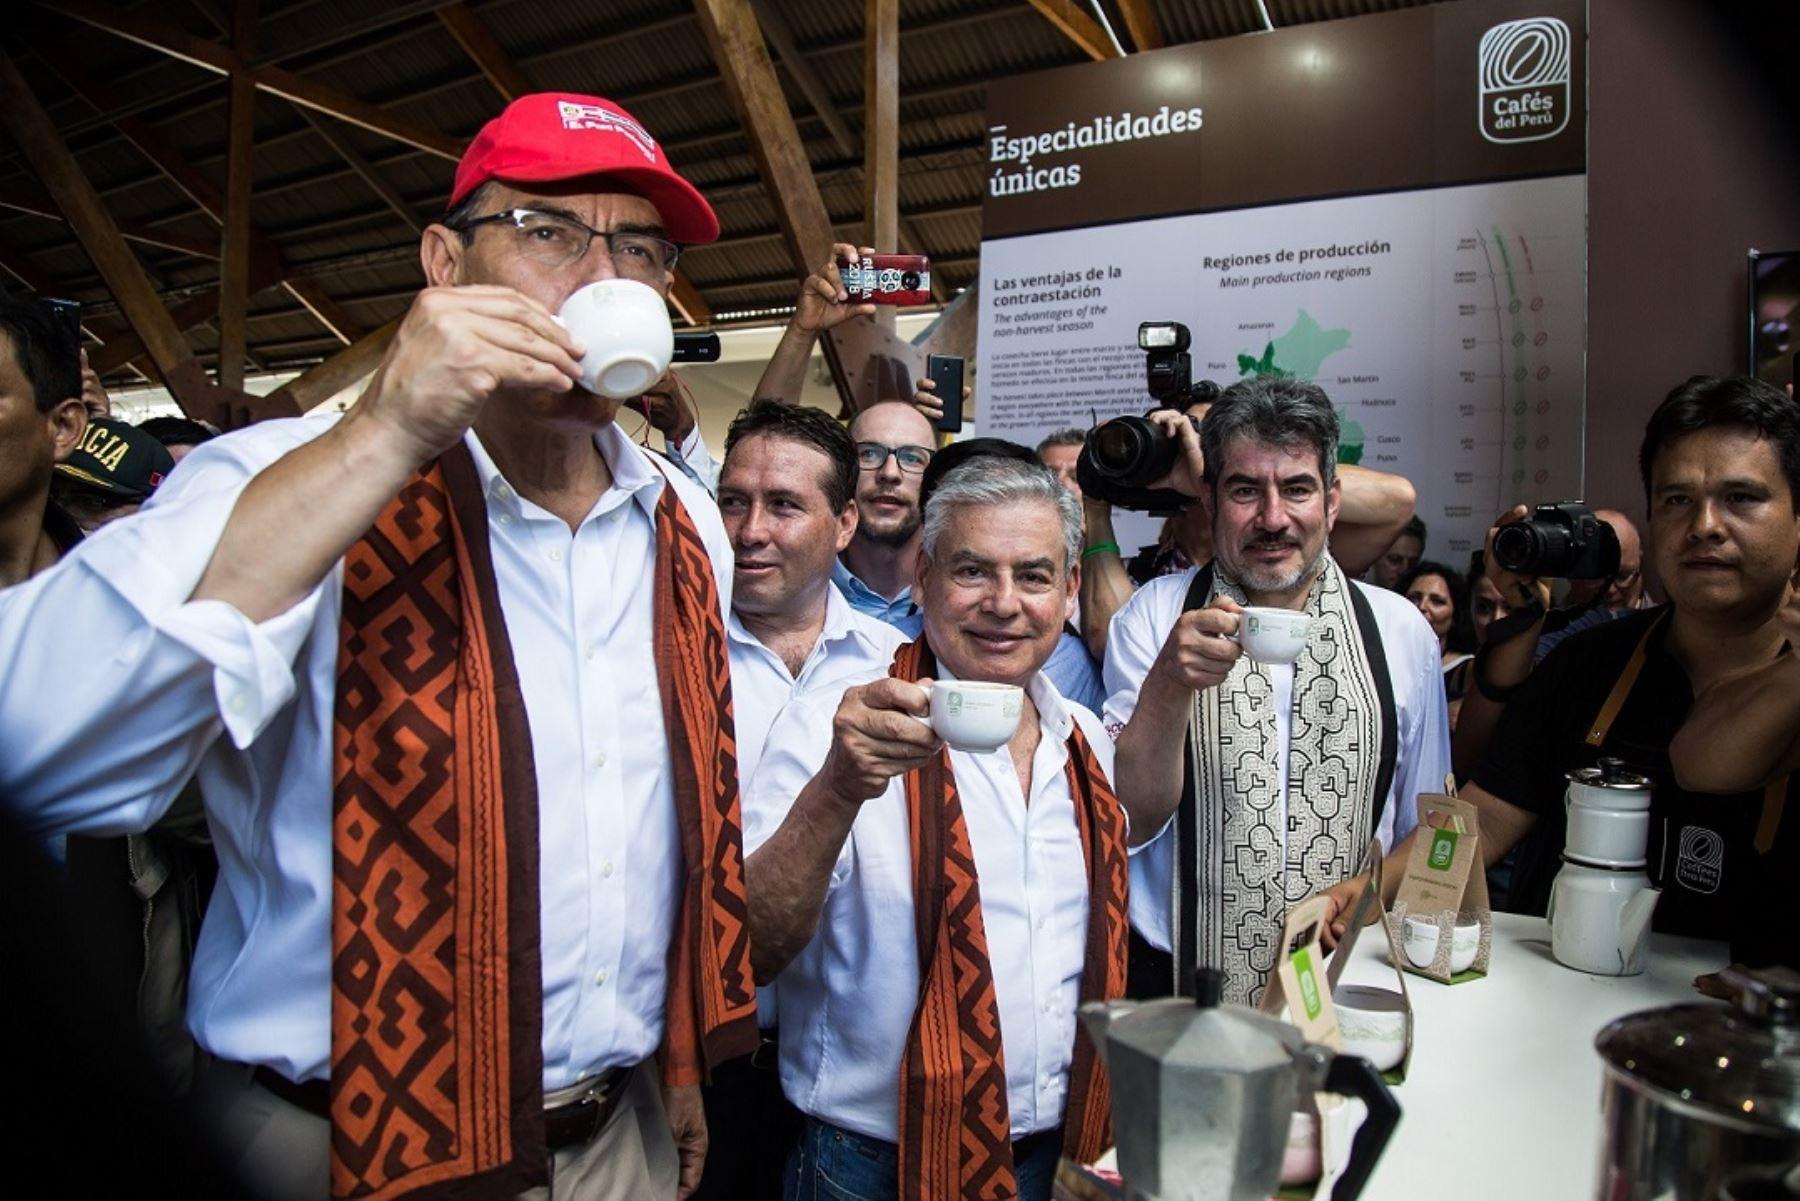 Gobierno presenta la marca Cafés del Perú para posicionar al café peruano como producto de calidad. ANDINA/Difusión